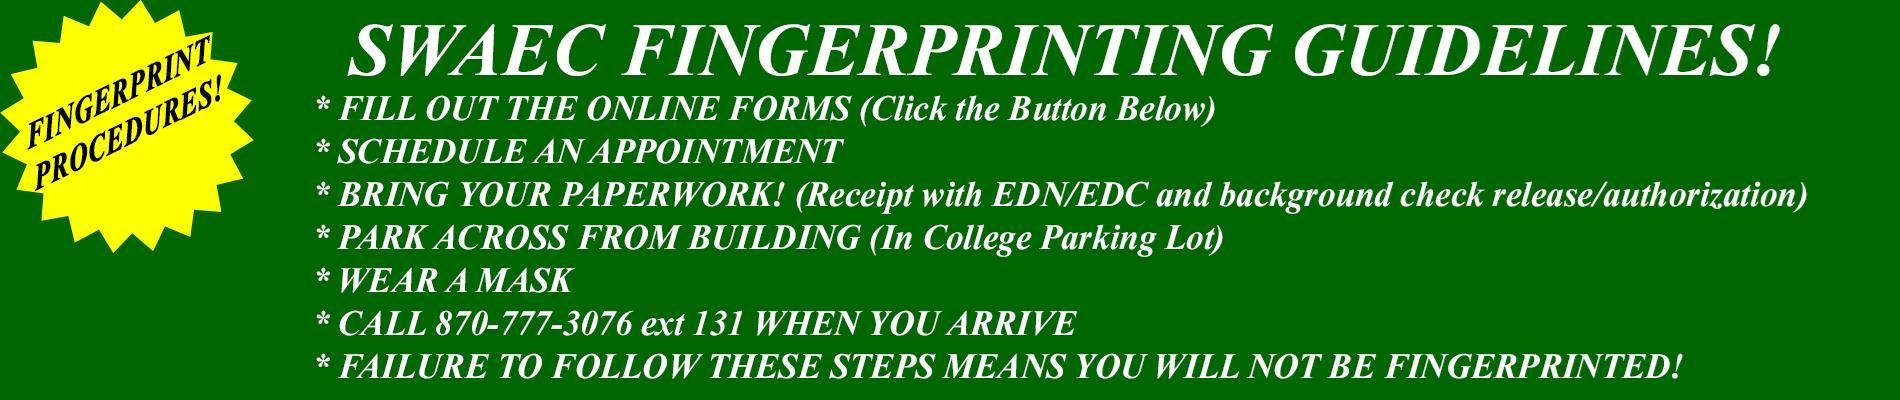 Make an appointment for fingerprinting! www.swaec.org/fingerprinting